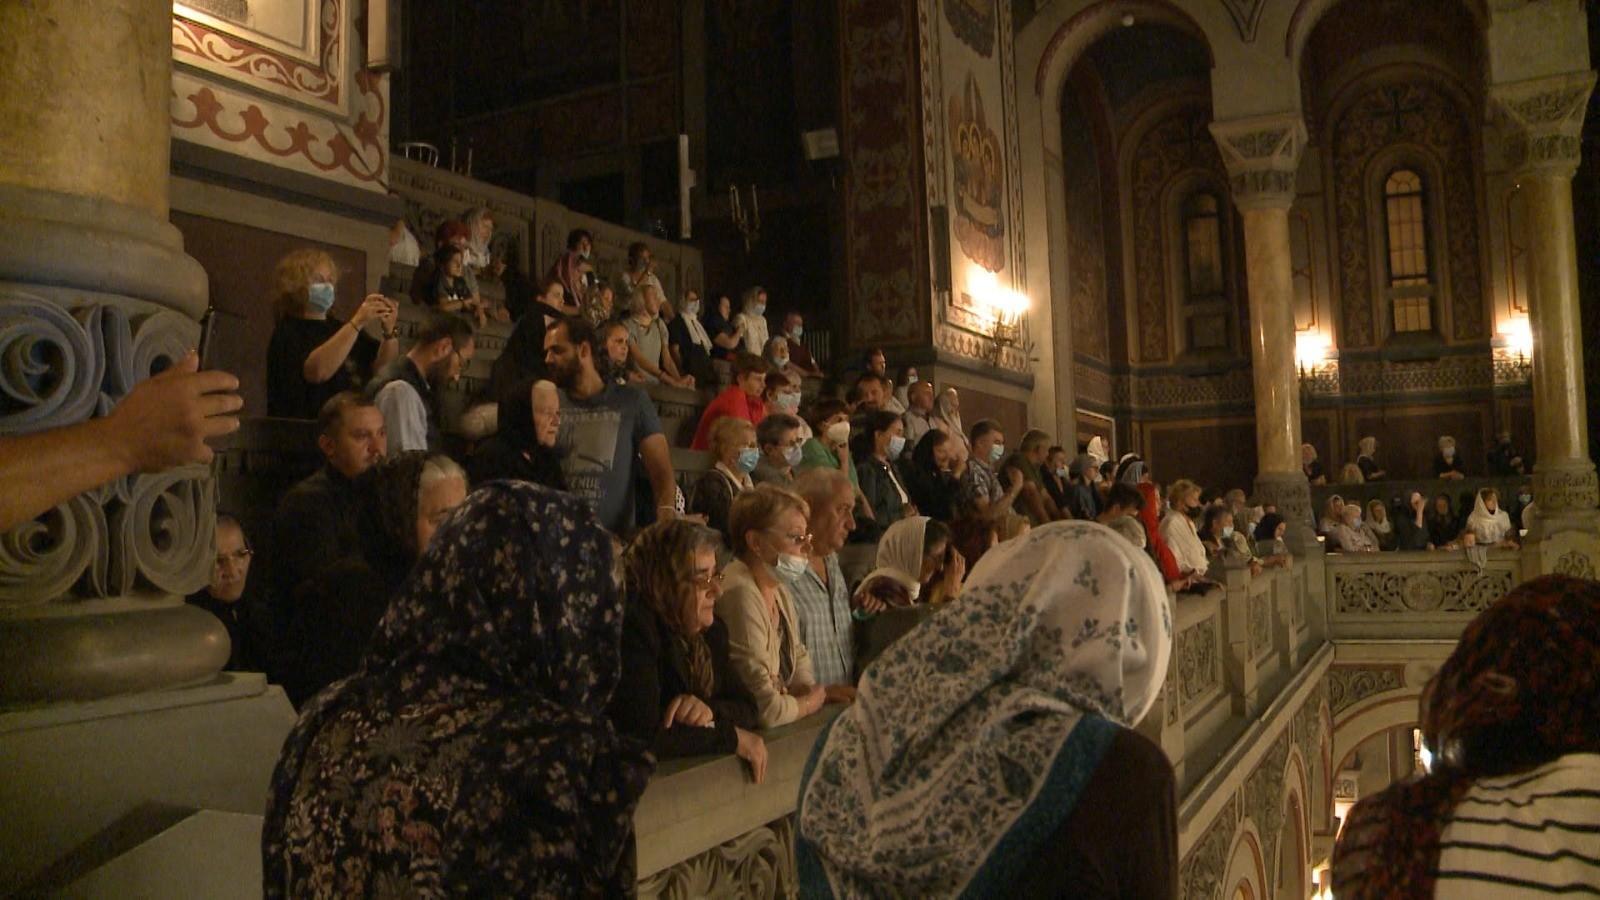 """Mii de credincioşi s-au adunat la procesiunea de la Timişoara, pentru a se închina la moaştele Sfântului Iosif. """"Mi-a salvat viaţa"""""""